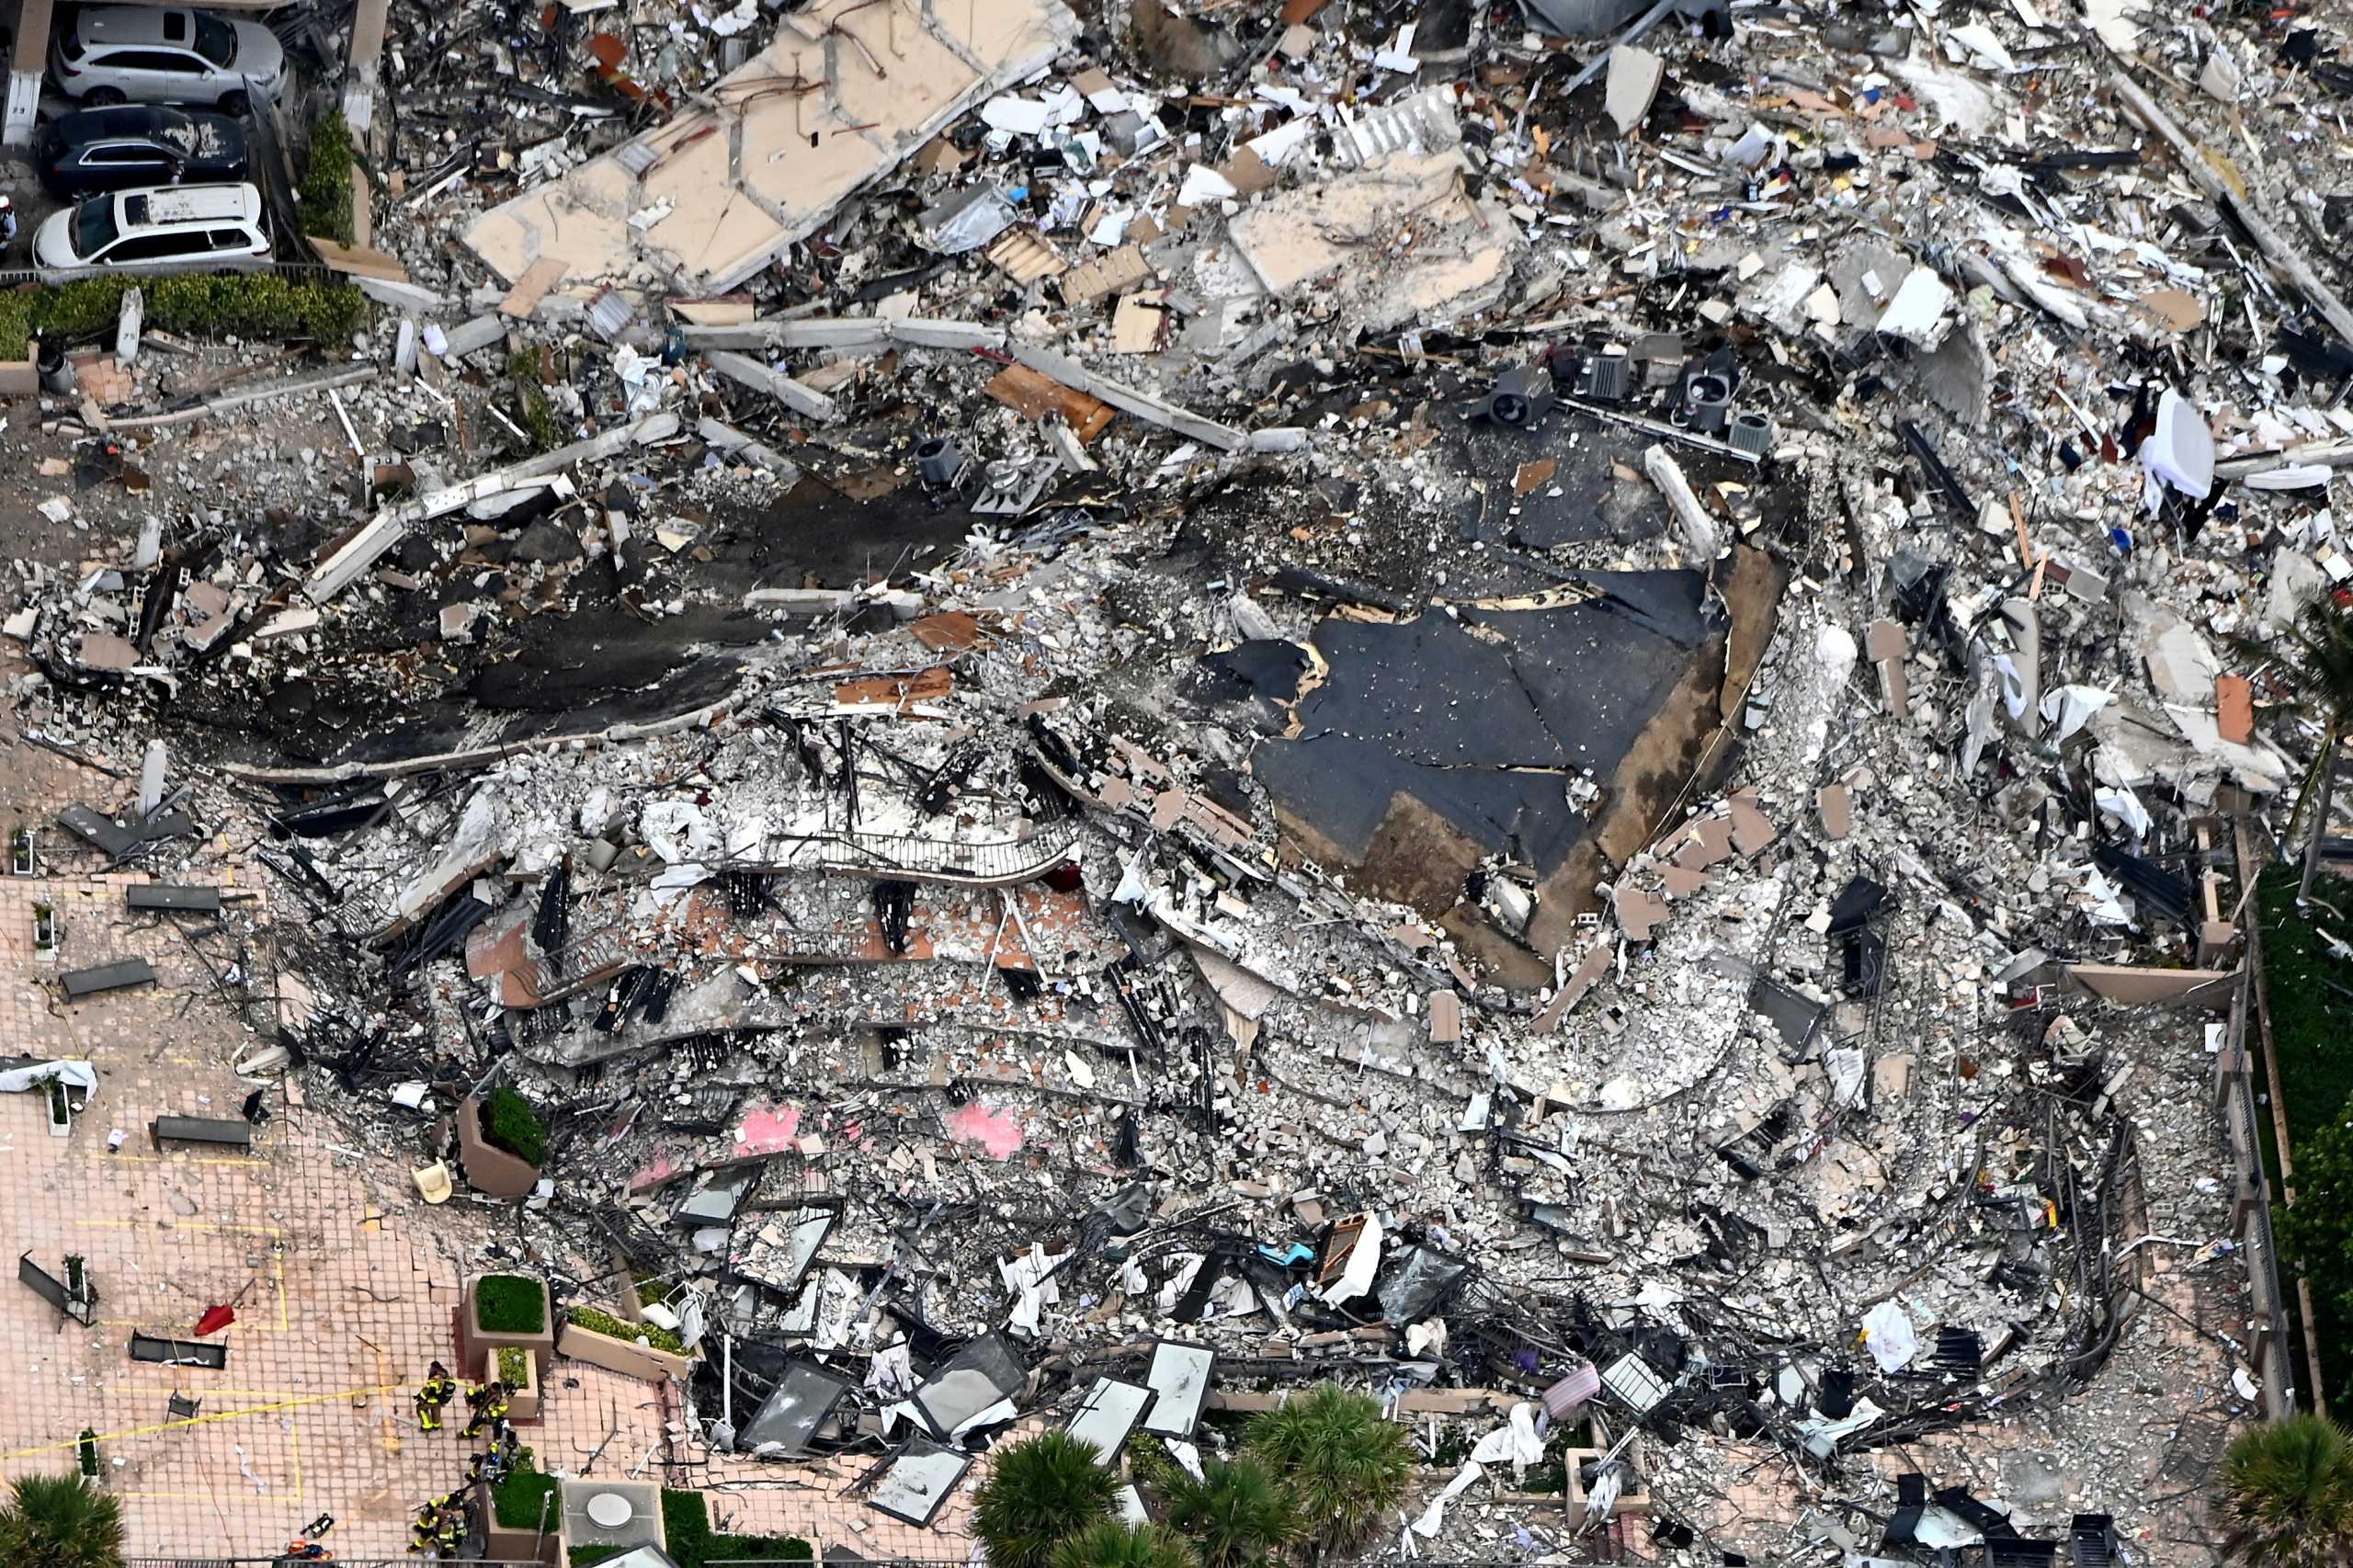 Κατάρρευση κτιρίου στο Μαϊάμι: Τρεις νεκροί και 12 τραυματίες – Στους 99 παραμένει ο αριθμός των αγνοούμενων